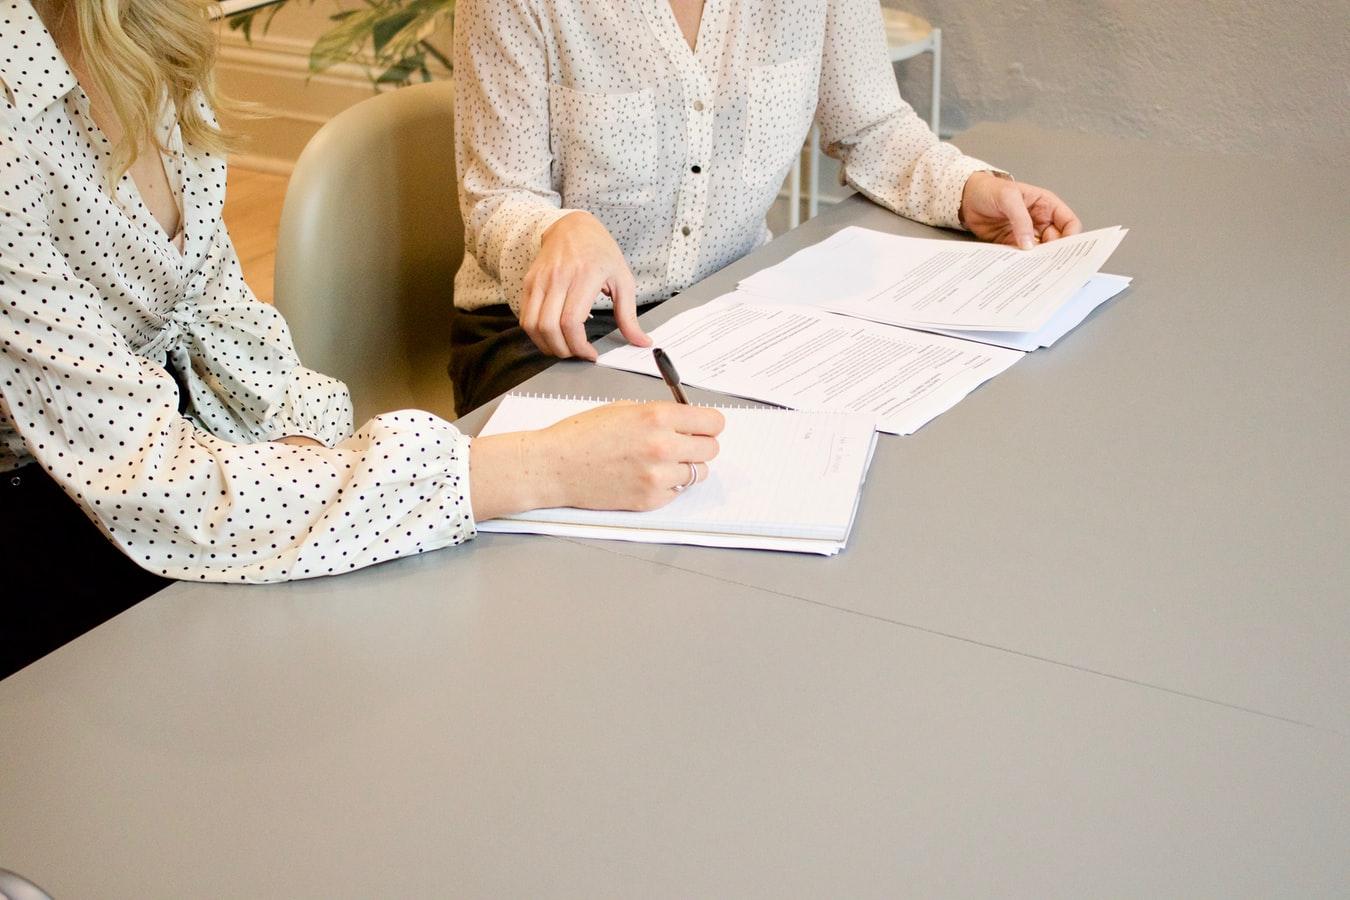 Comment Obtenir Un Certificat De Non Gage Sans Carte Grise